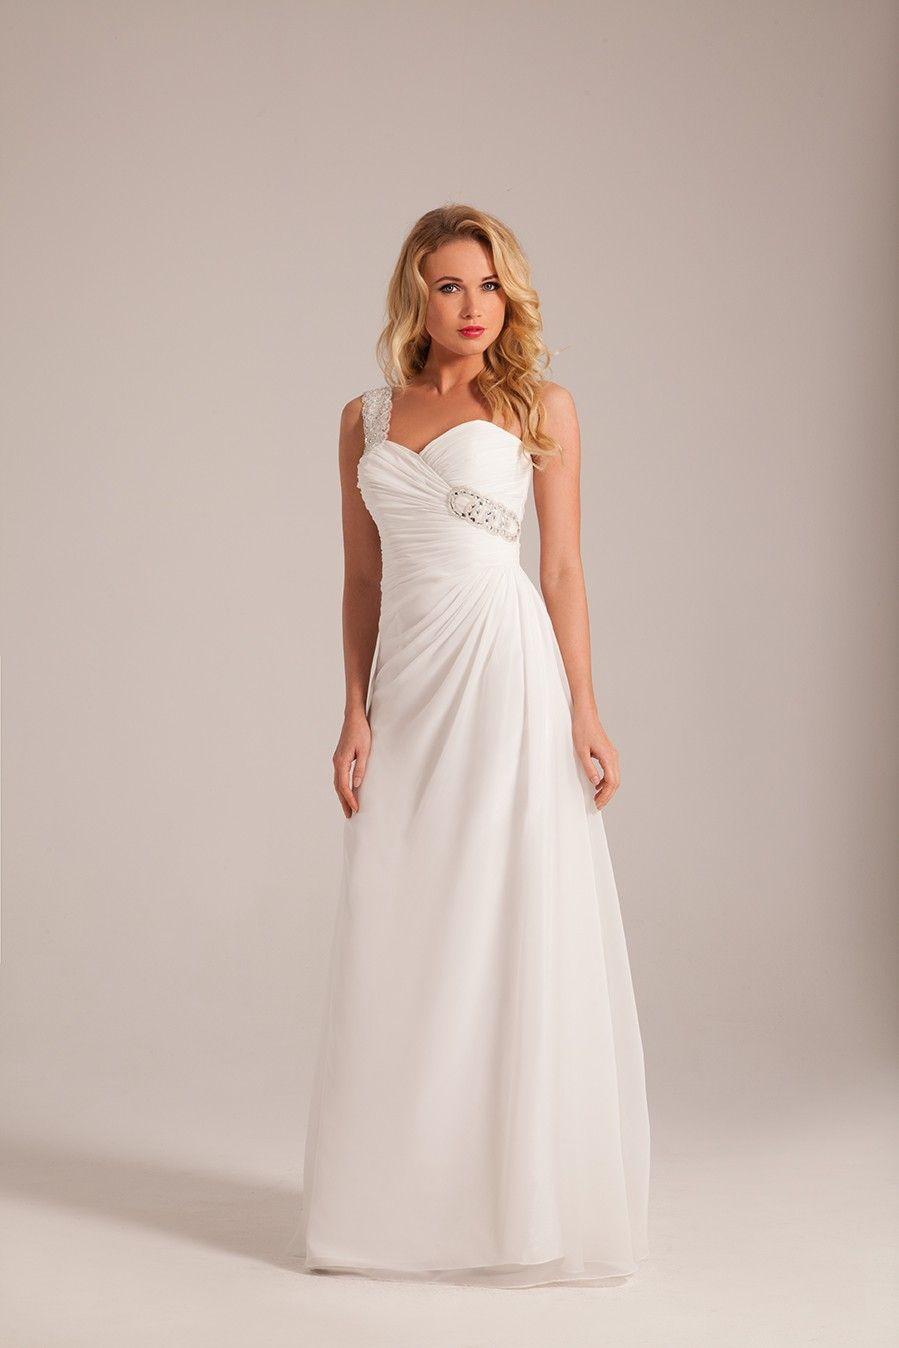 NY 2234 | Robe de mariee, Site de robe, Mode